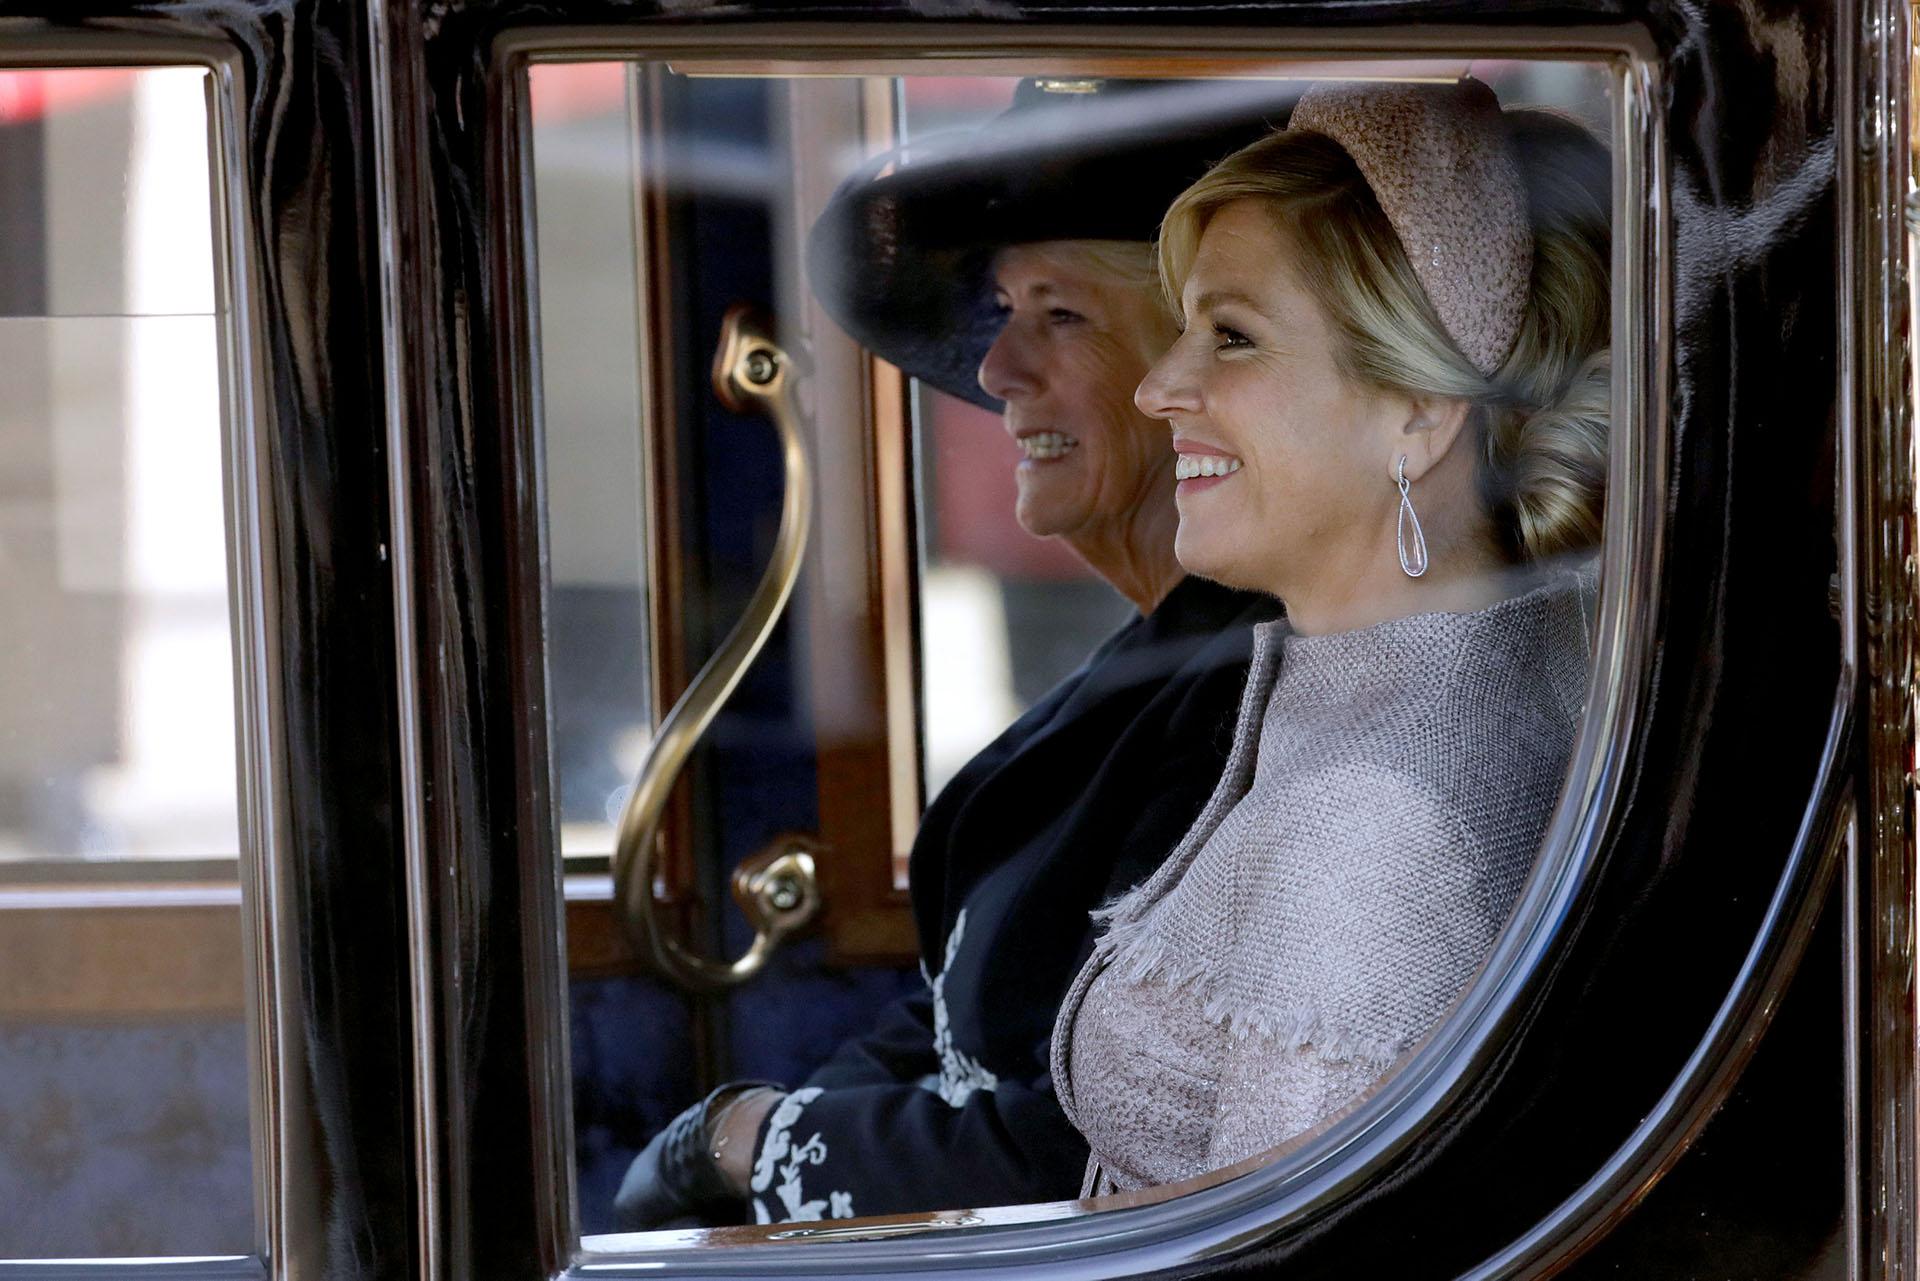 Camilla, la duquesa de Cornwall, y la reina Máxima, en una carruaje camino a reunirse con la reina Isabel II